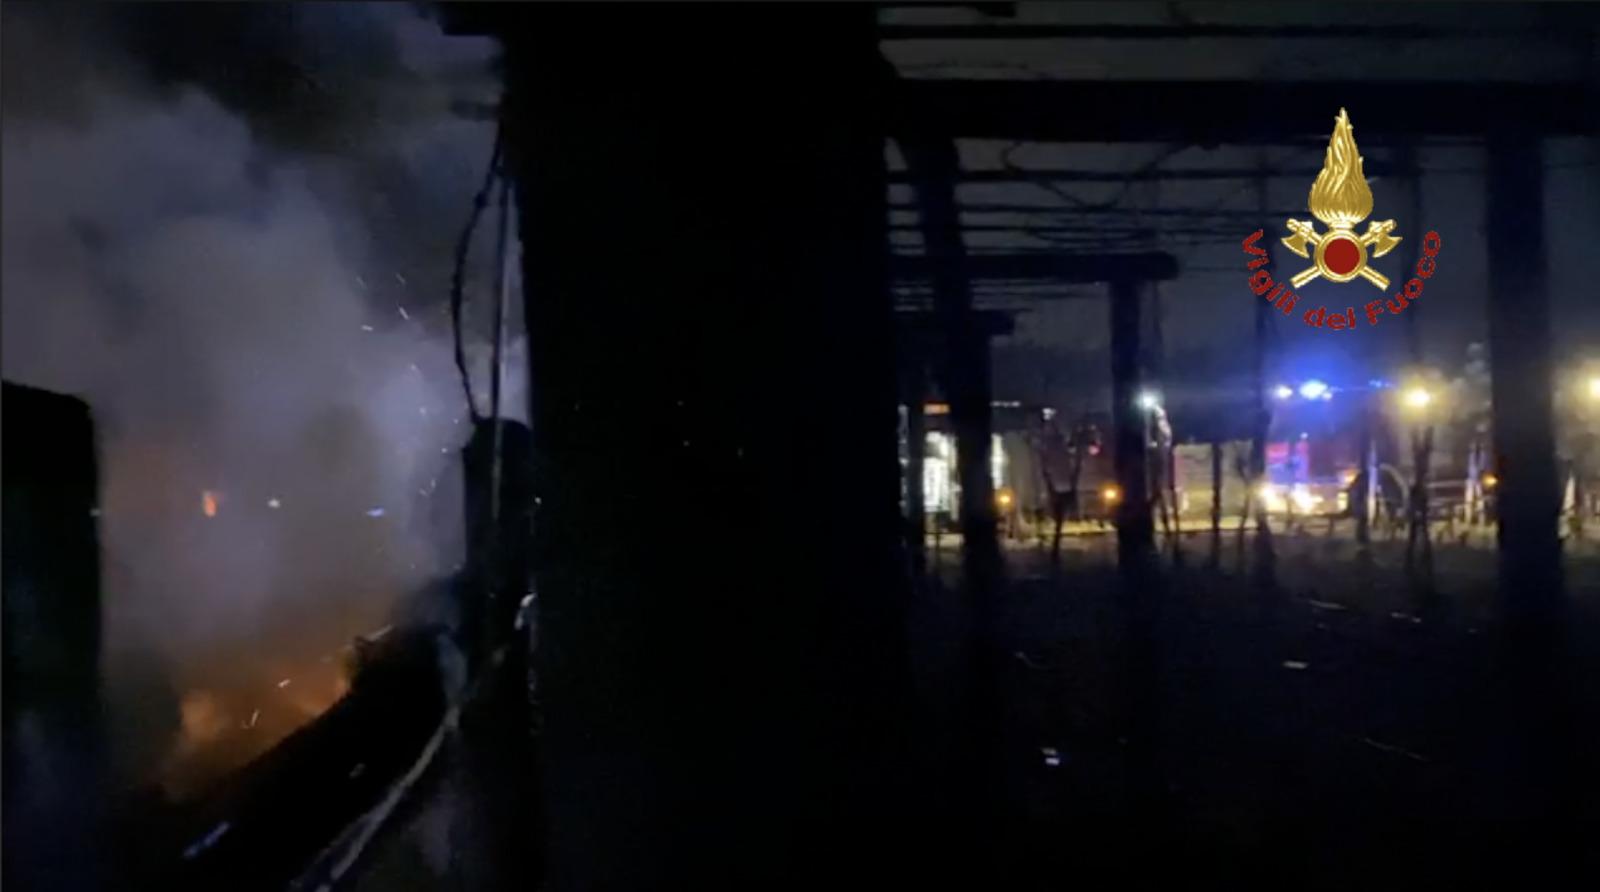 Baracche a fuoco nella notte in via della Fontanella: il bestiame avvolto nelle fiamme